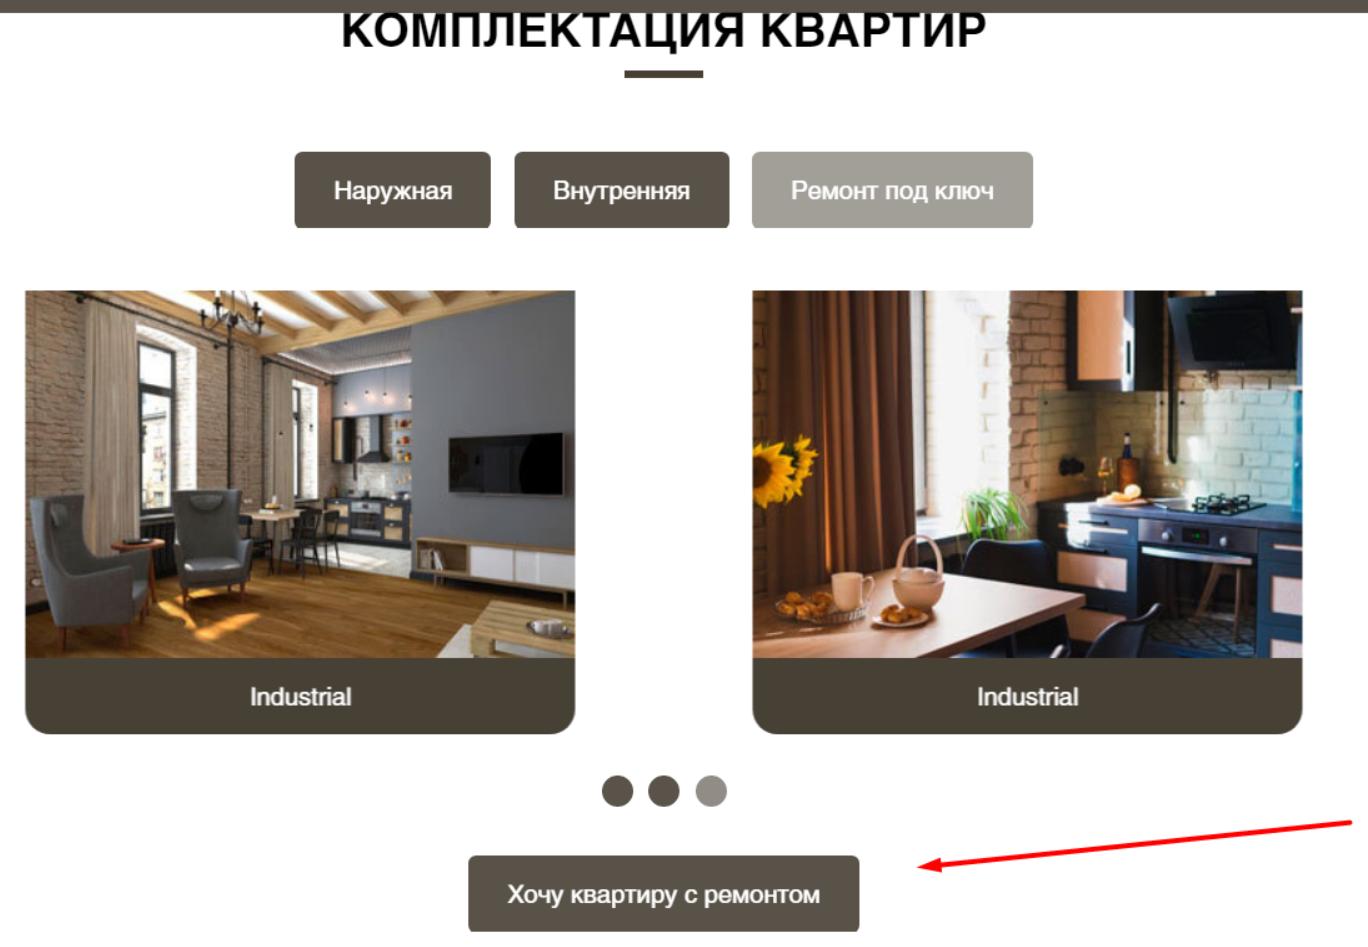 СTA элемент на сайте недвижимости